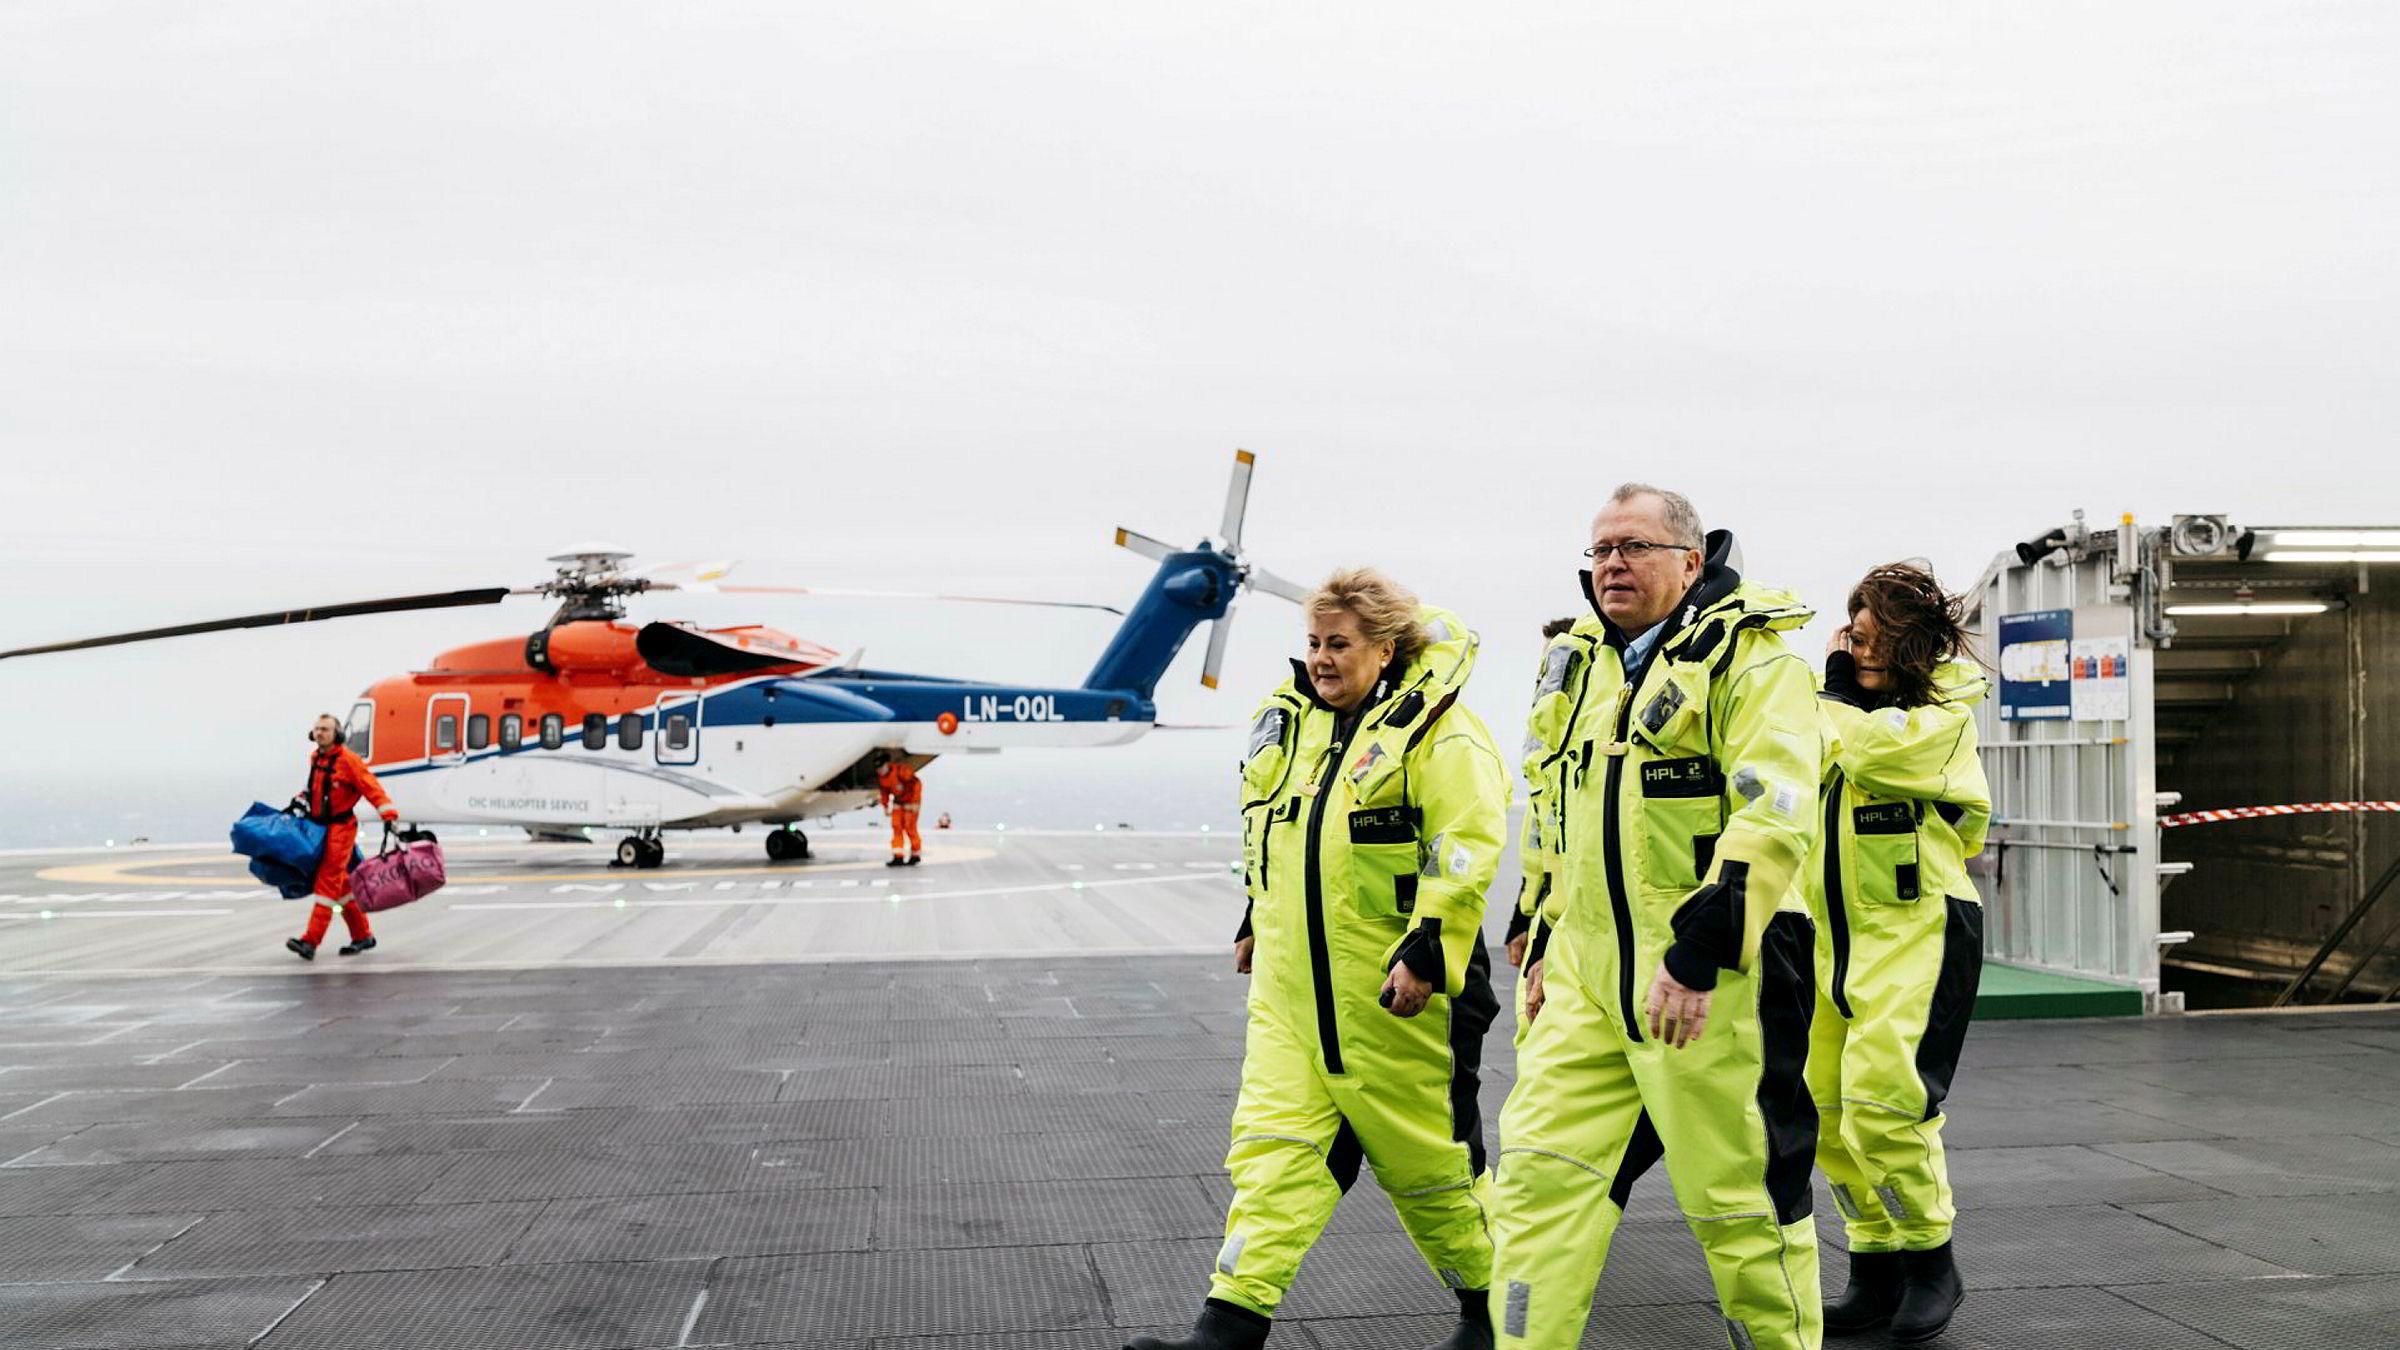 Det er ikke vanskelig å forstå at Equinor ønsker å utvikle Johan Sverdrup-feltet. Men hvorfor skal selskapet bore etter olje i urørte områder utenfor Australia? Her er statsminister Erna Solberg og Equinor-sjef Eldar Sætre ved Johan Sverdrup-åpningen i januar.